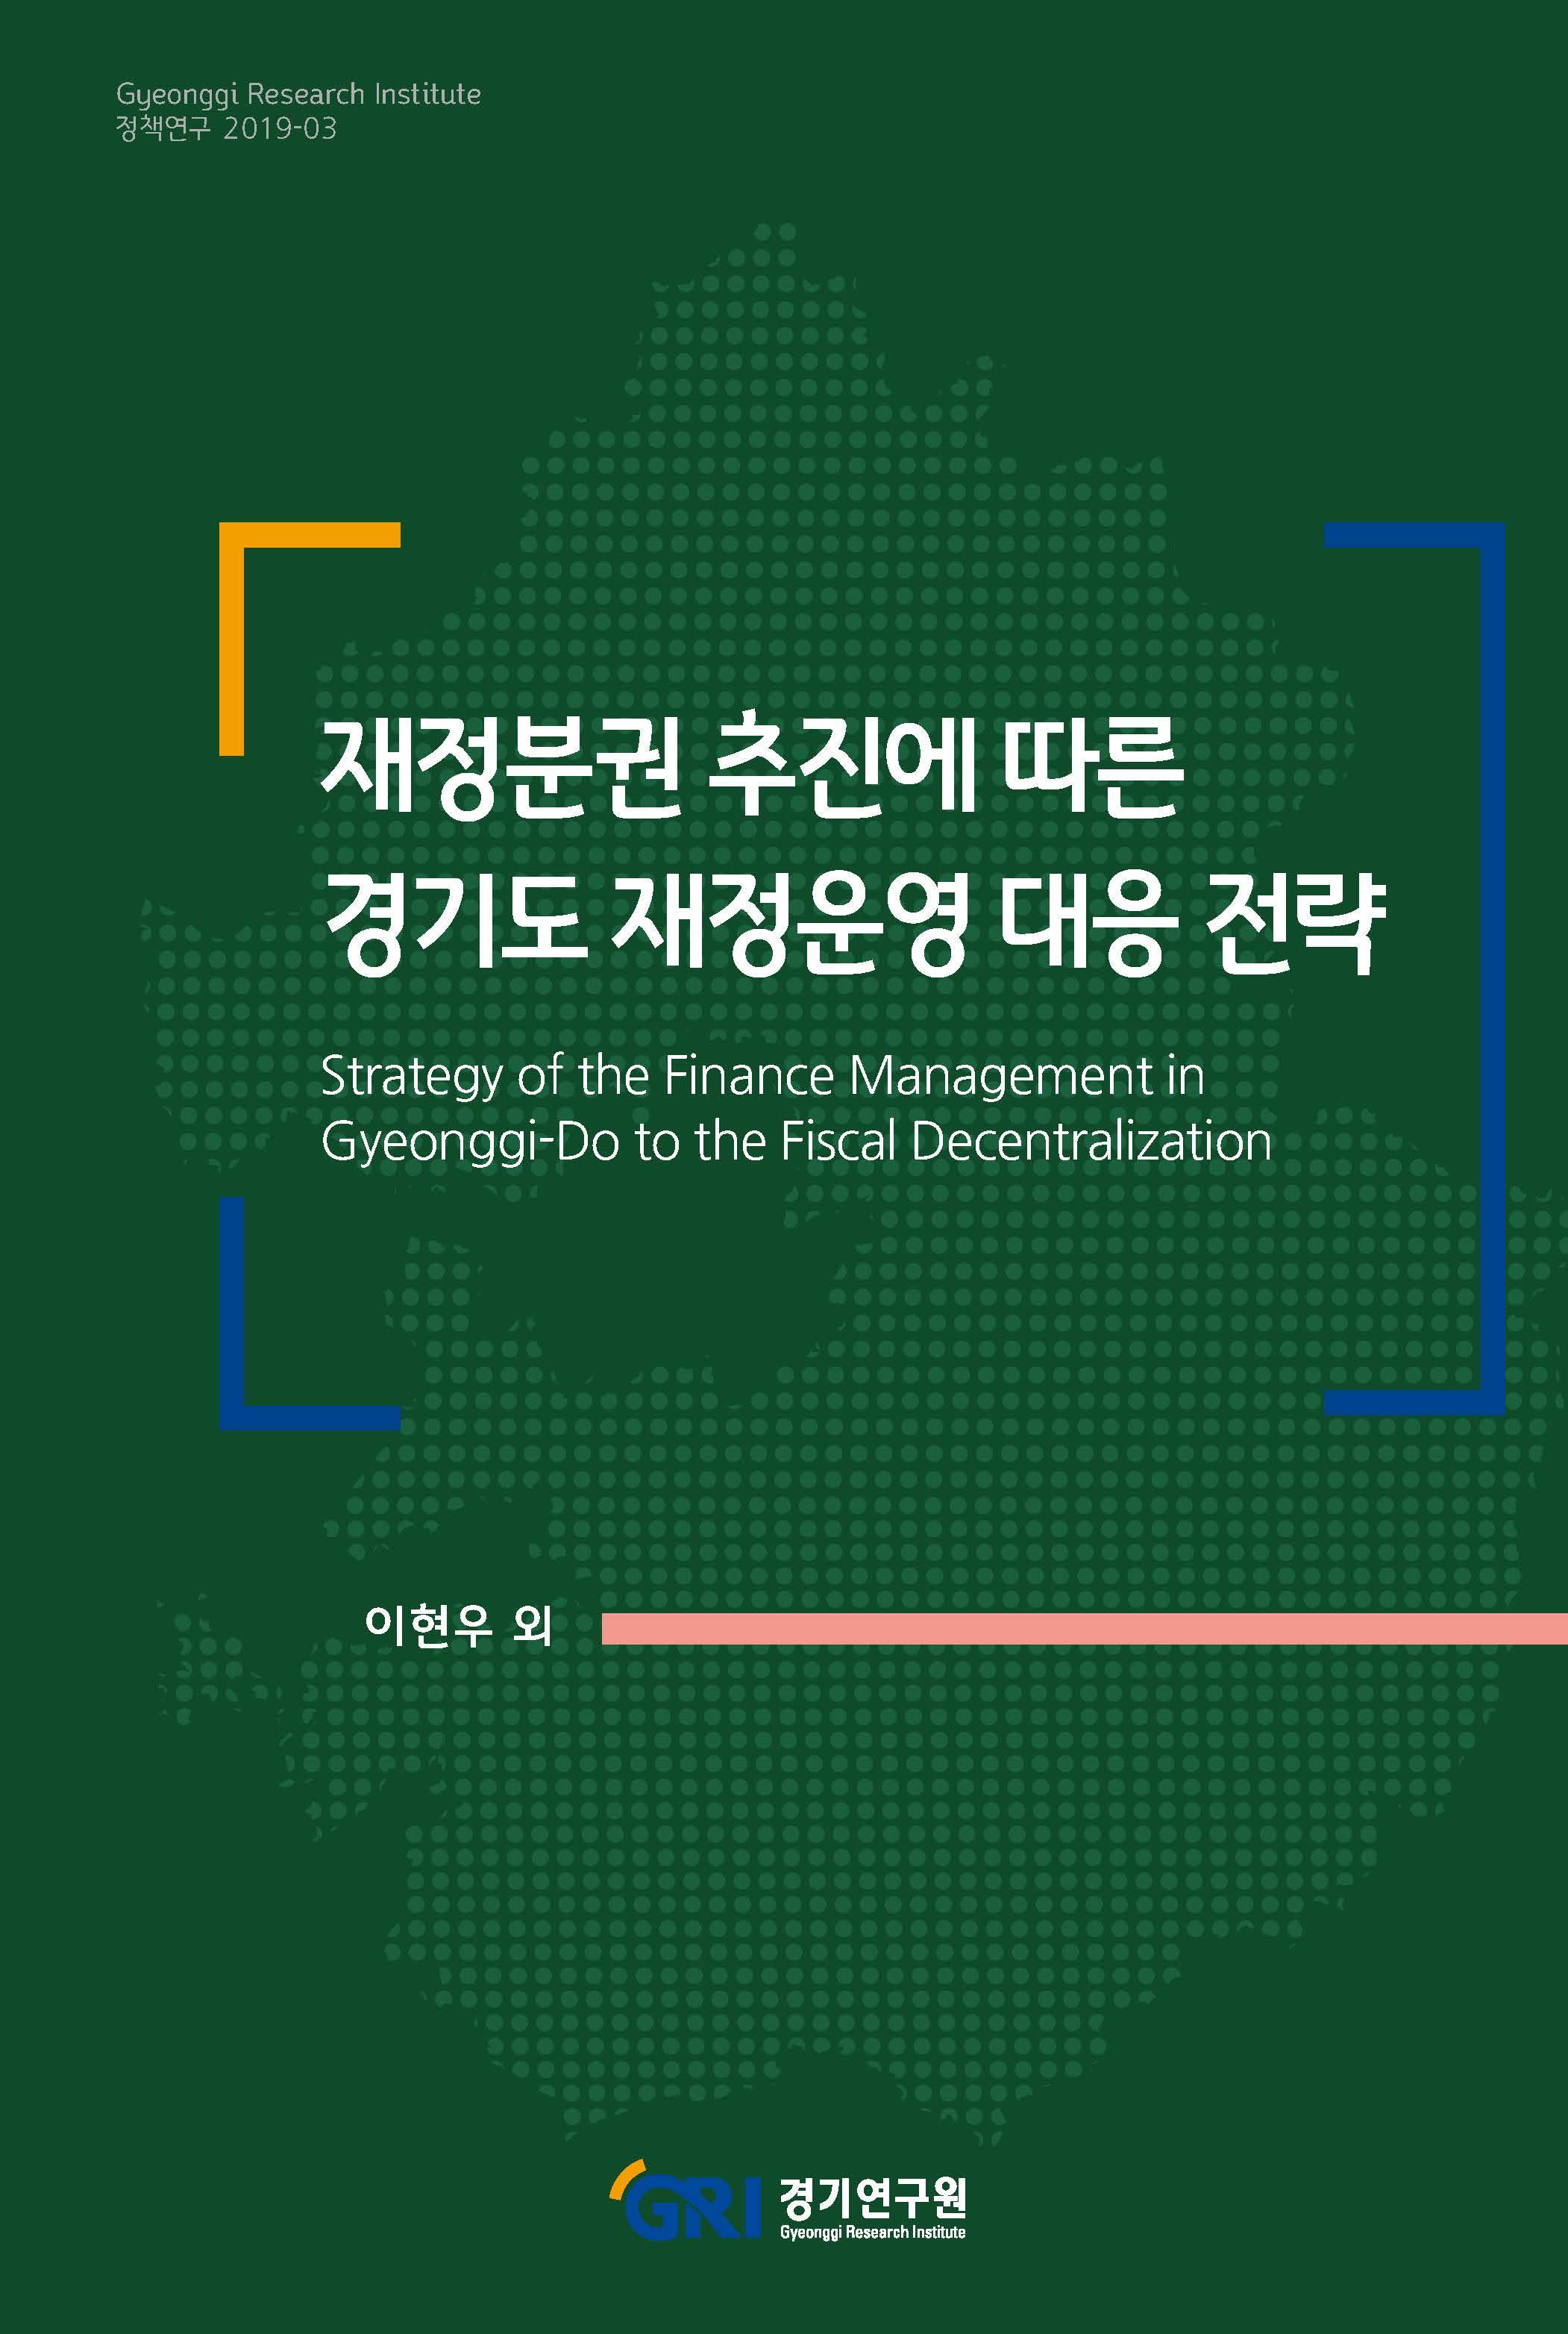 재정분권 추진에 따른 경기도 재정운영 대응 전략